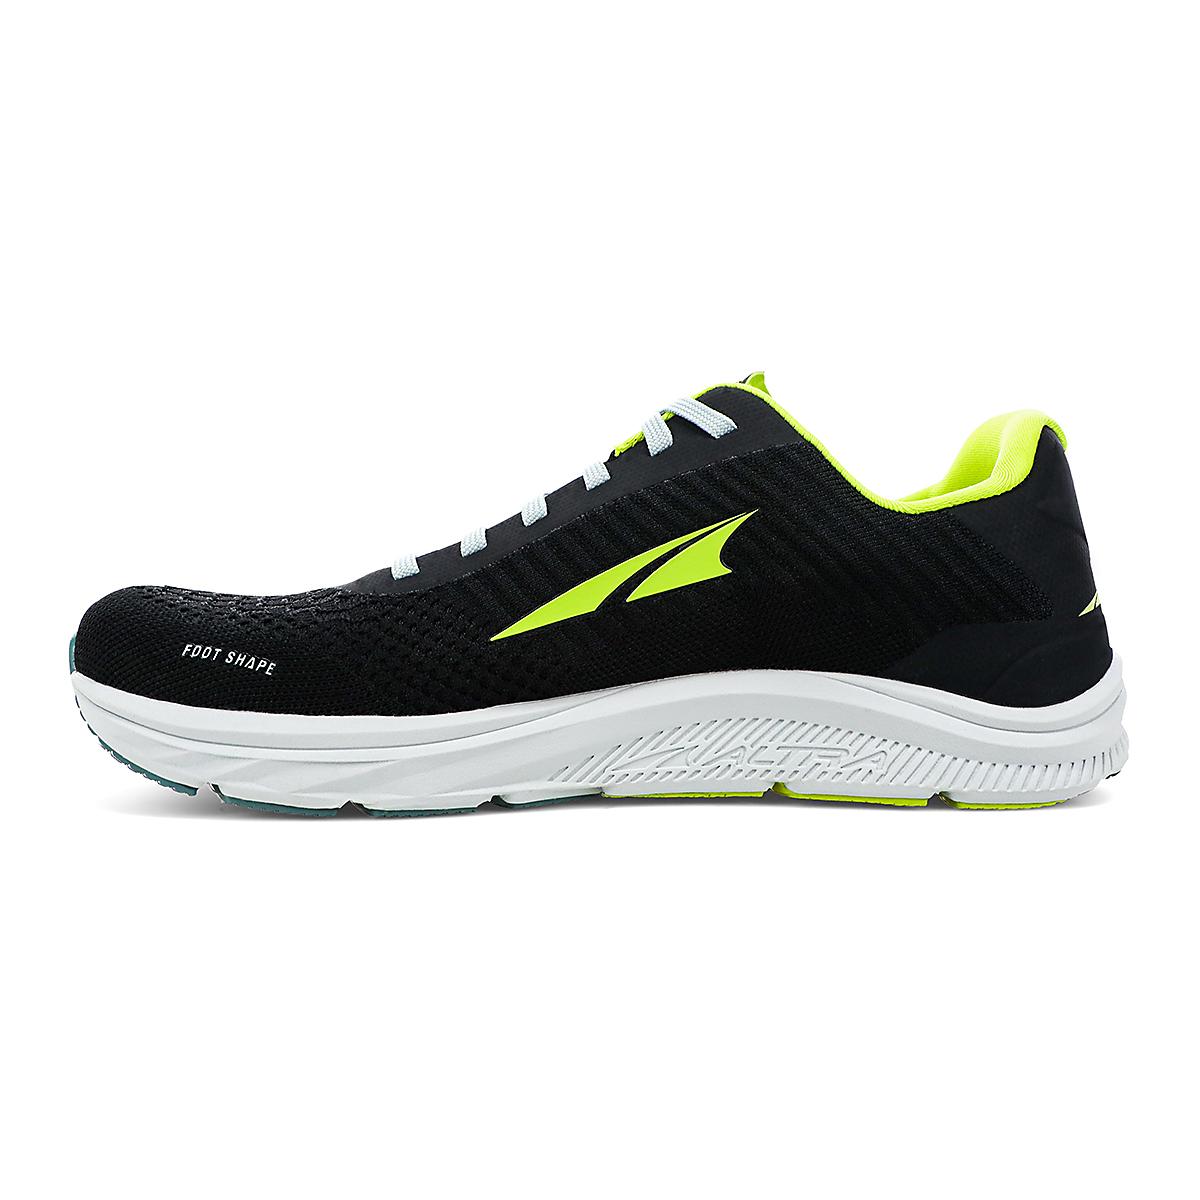 Men's Altra Torin 4.5 Plush Running Shoe - Color: Black/Lime - Size: 7 - Width: Regular, Black/Lime, large, image 2